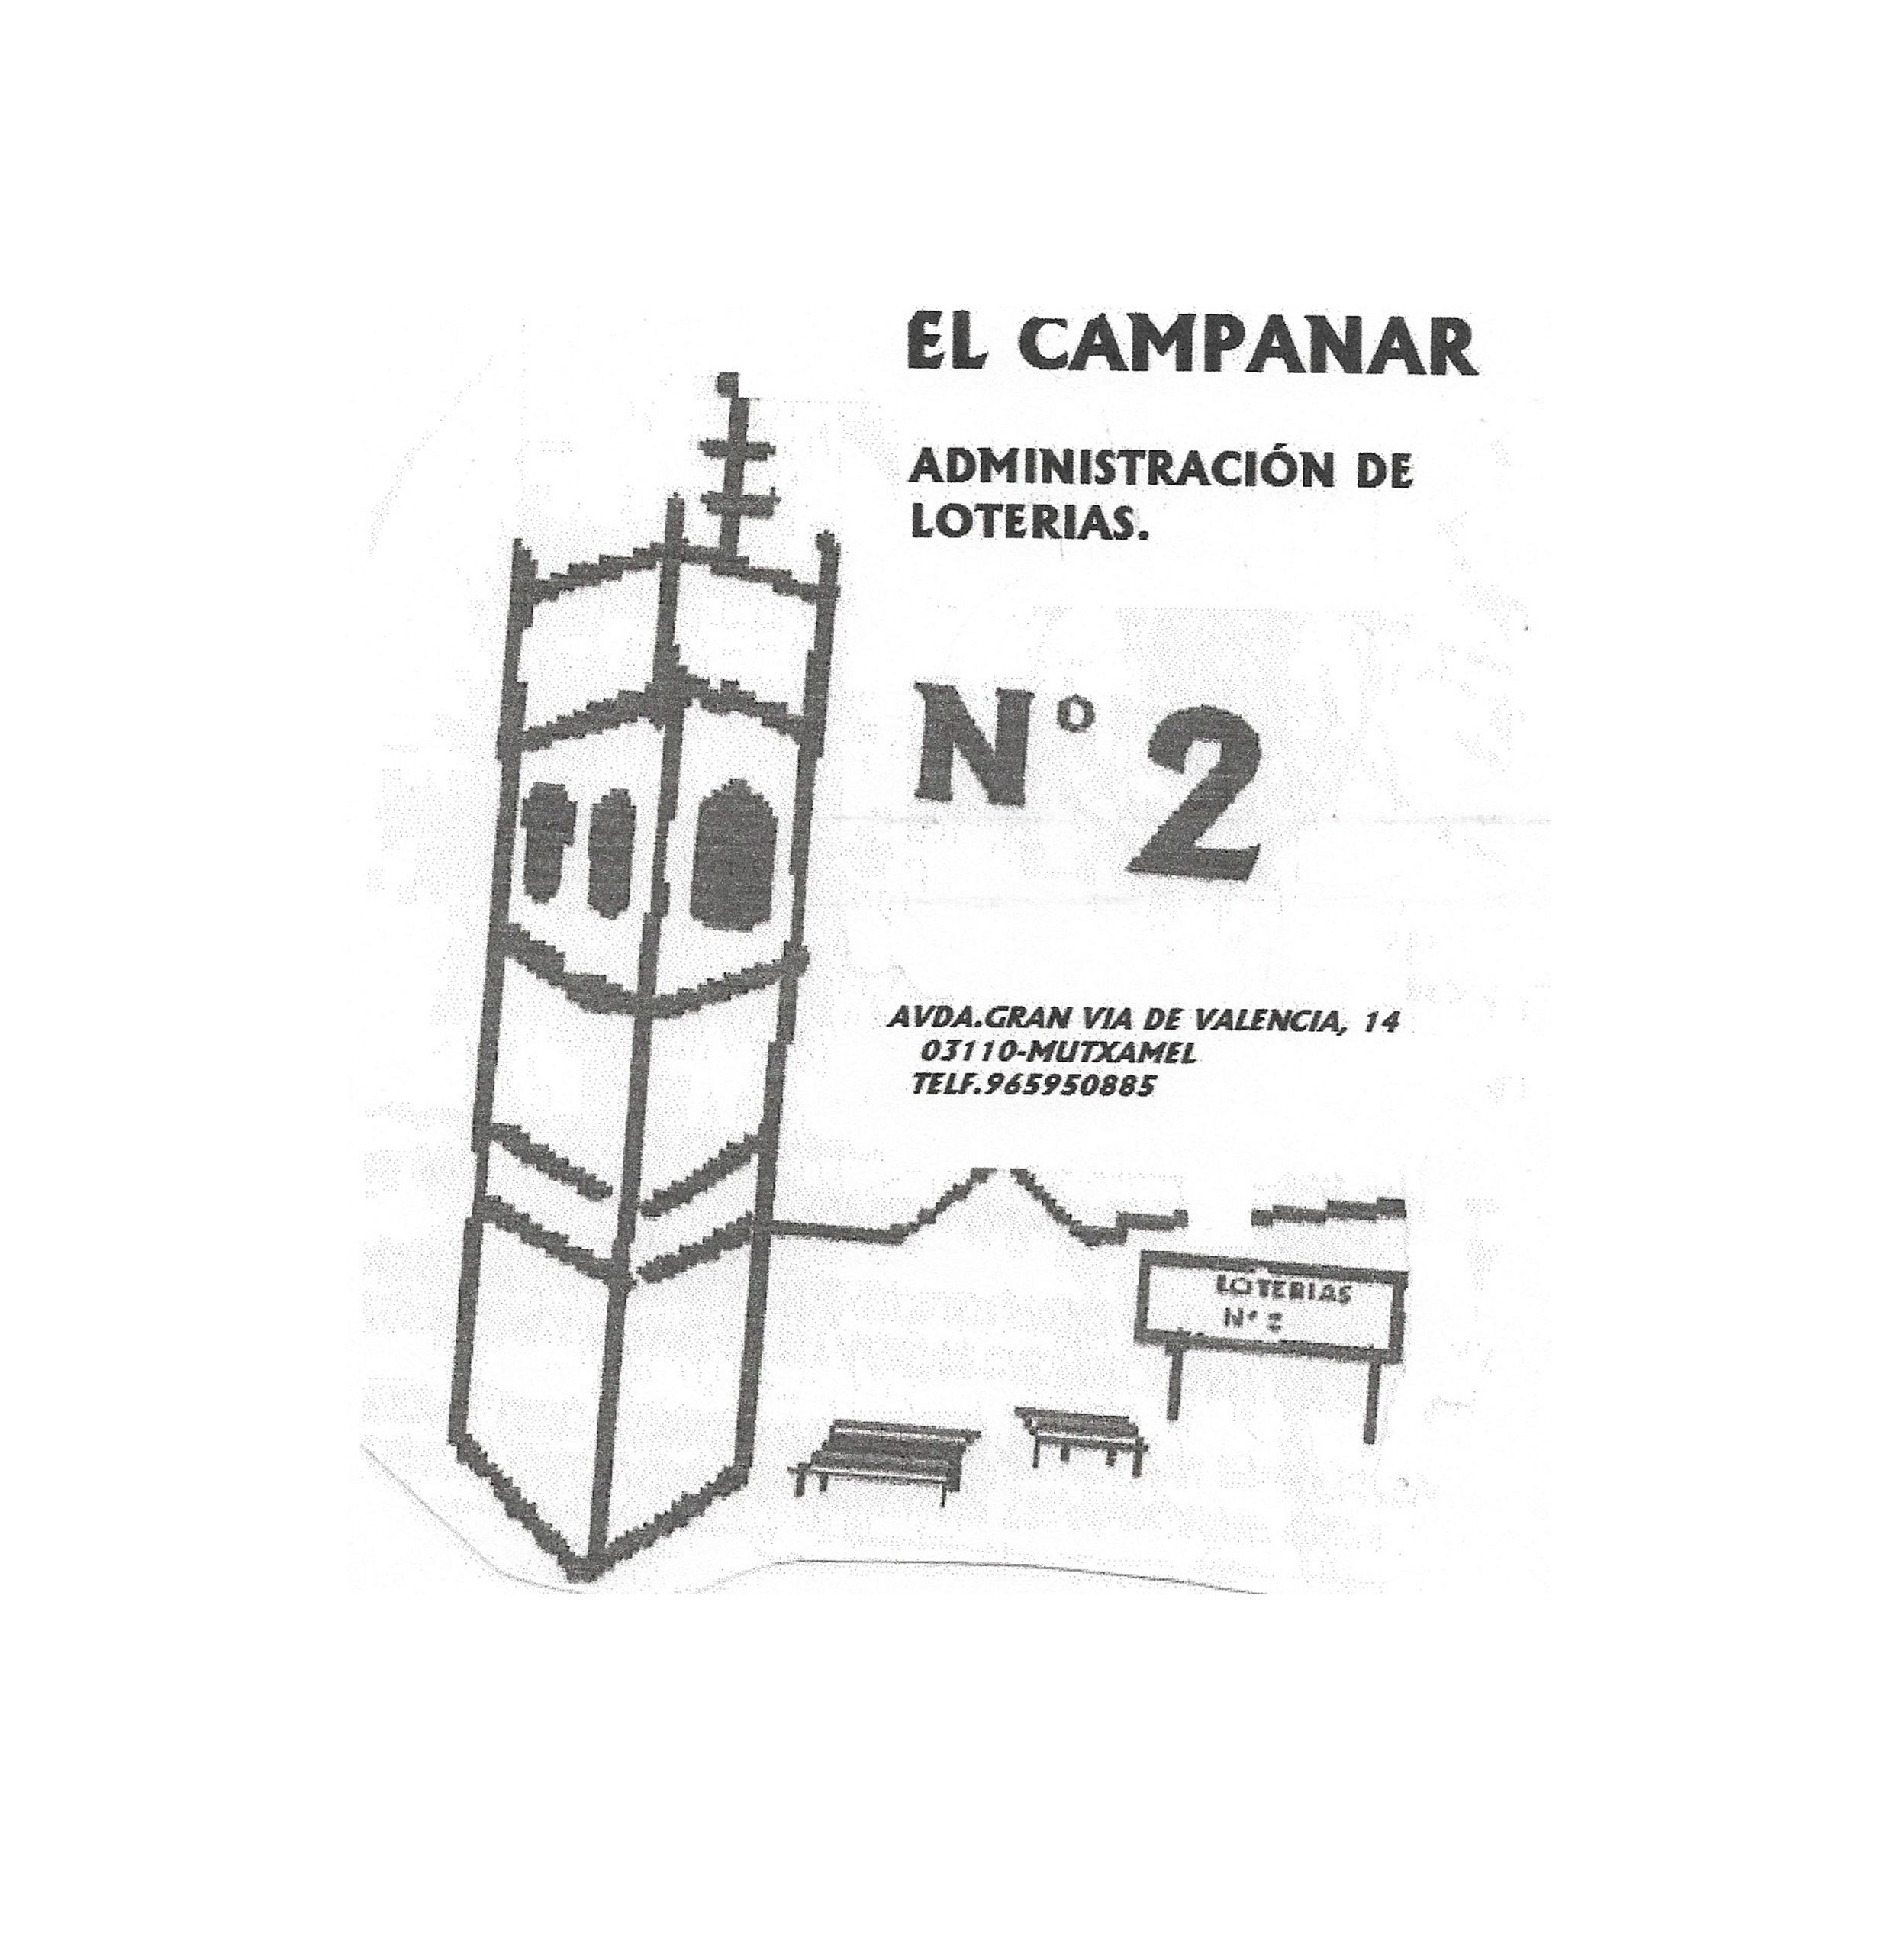 ADMON. DE LOTERIAS Nº2 EL CAMPANAR